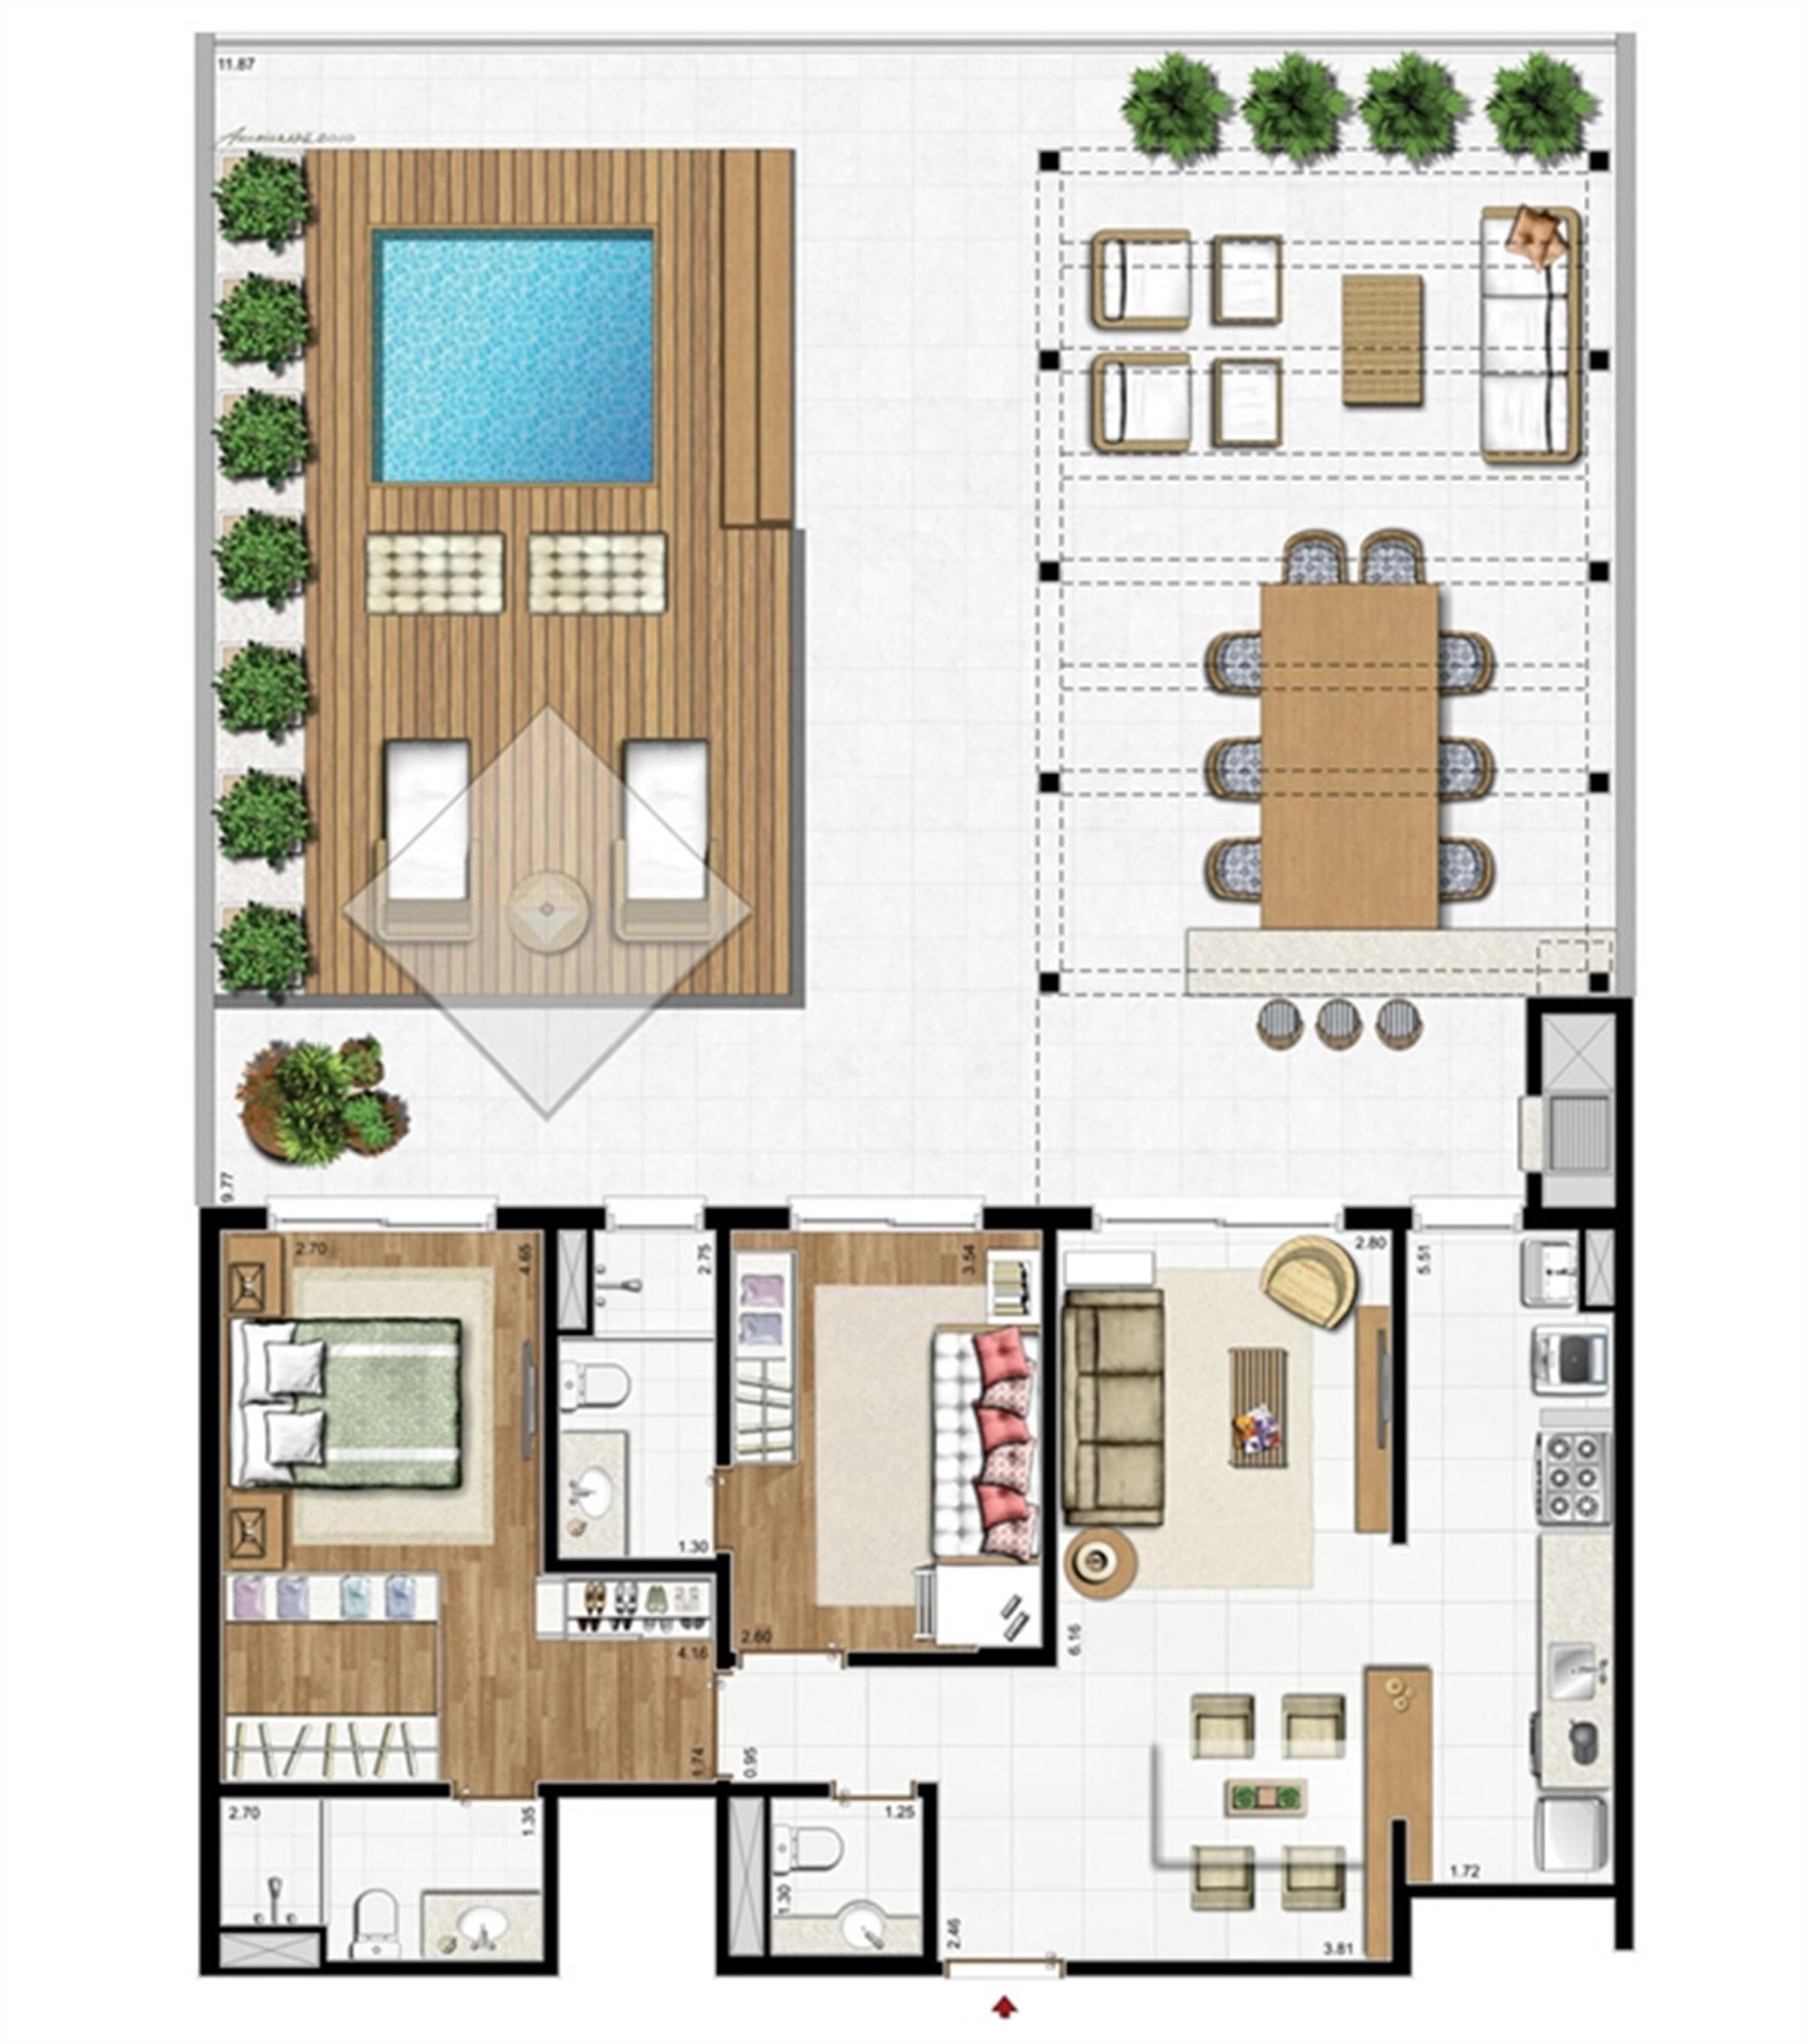 2 suítes e lavabo – Apto. garden - Planta padrão  195 m² privativos 252 m² de área total | Visionnaire – Apartamento no  Abraão - Florianópolis - Santa Catarina